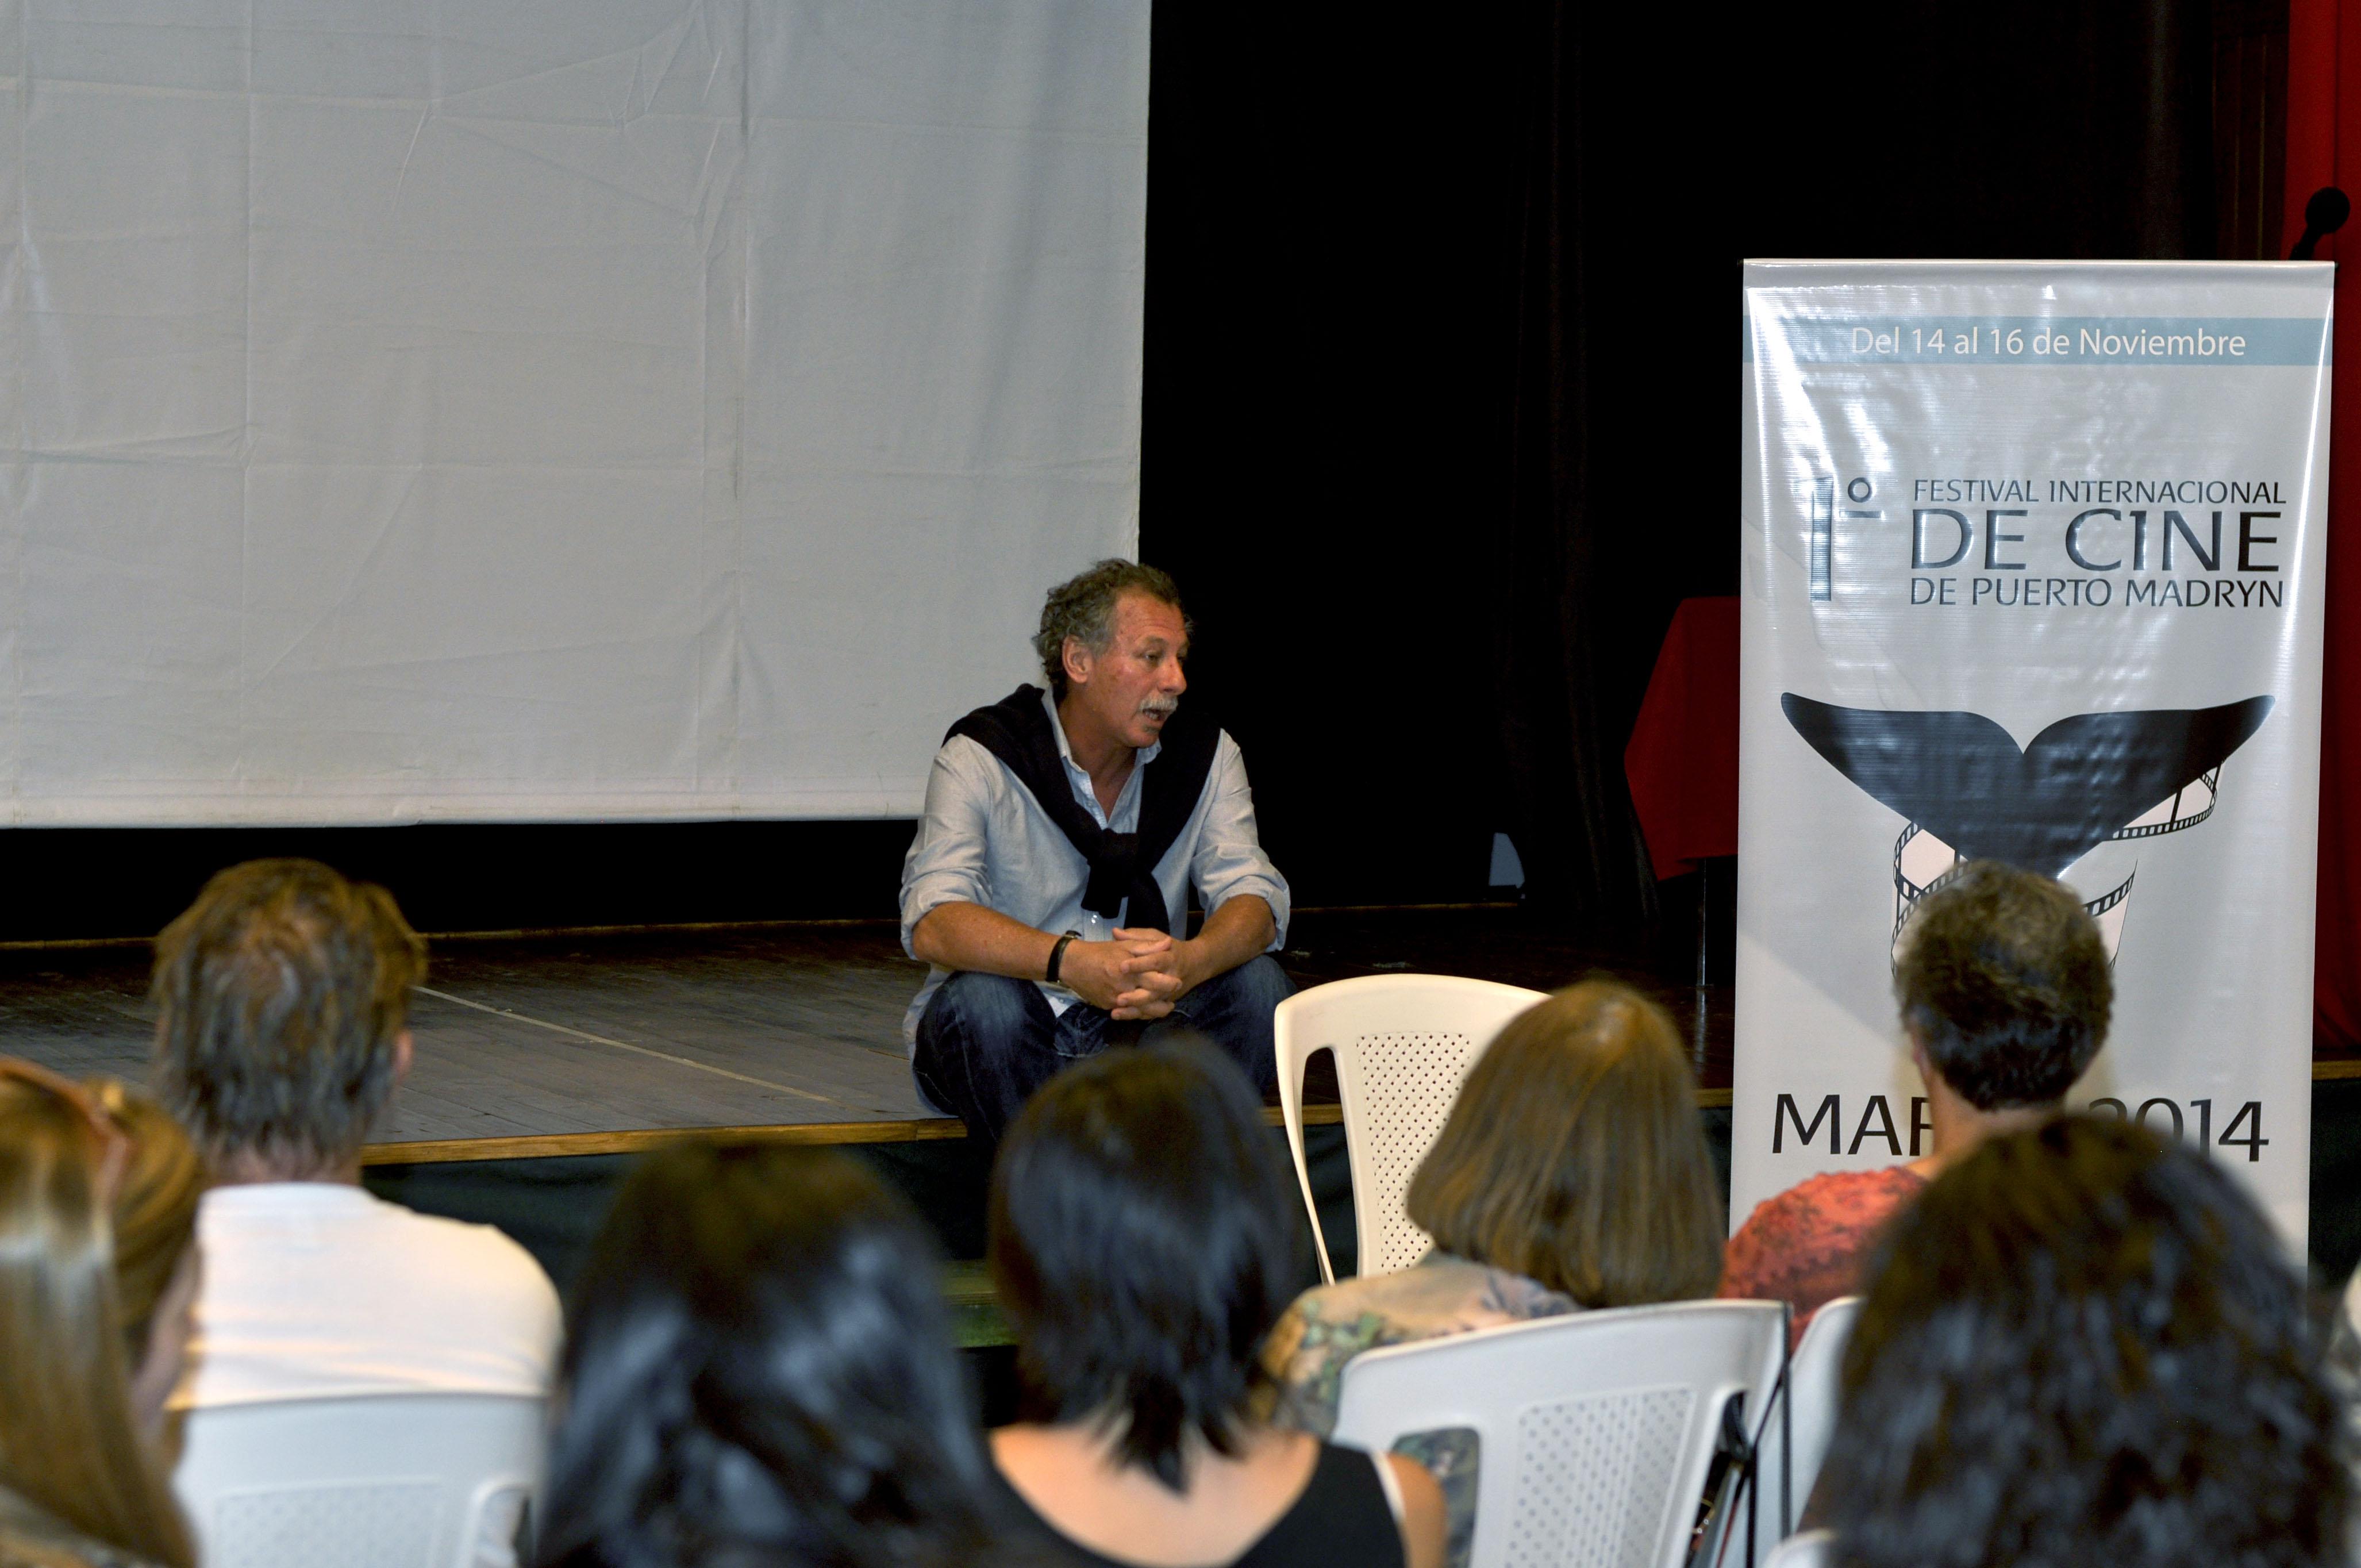 charla con Alberto Lecchi fot 1